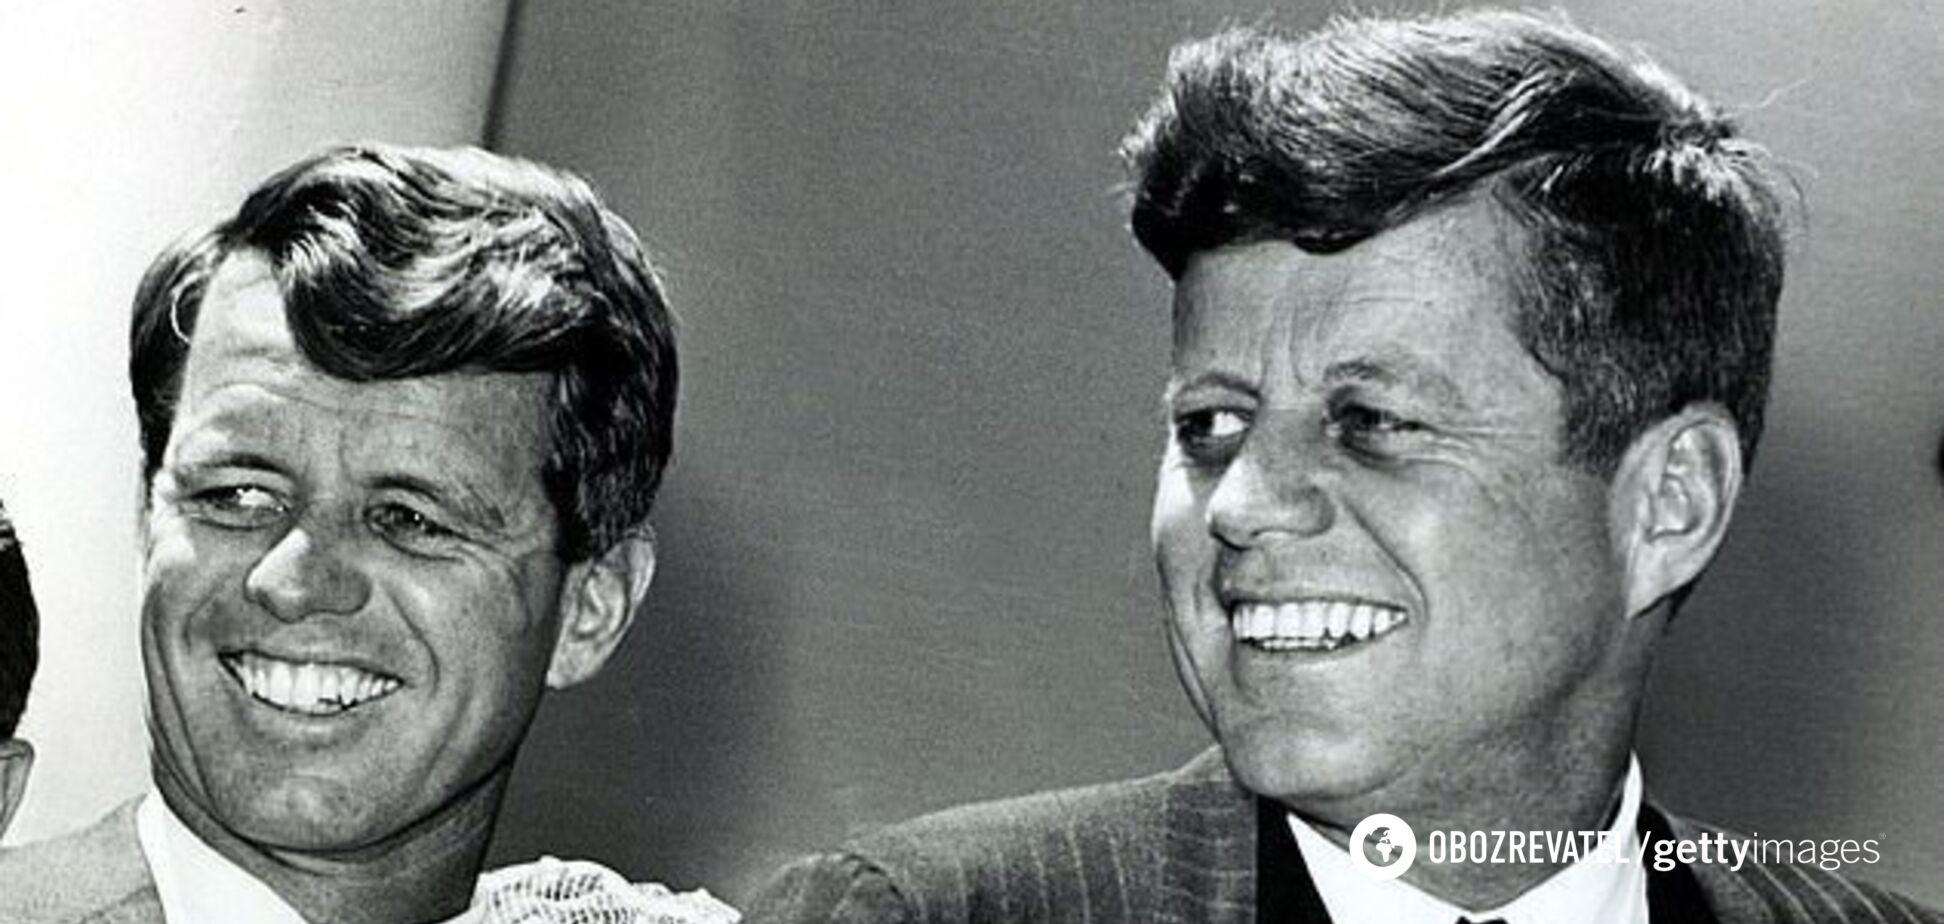 Проклятие семьи Кеннеди: что это и кто пока выжил